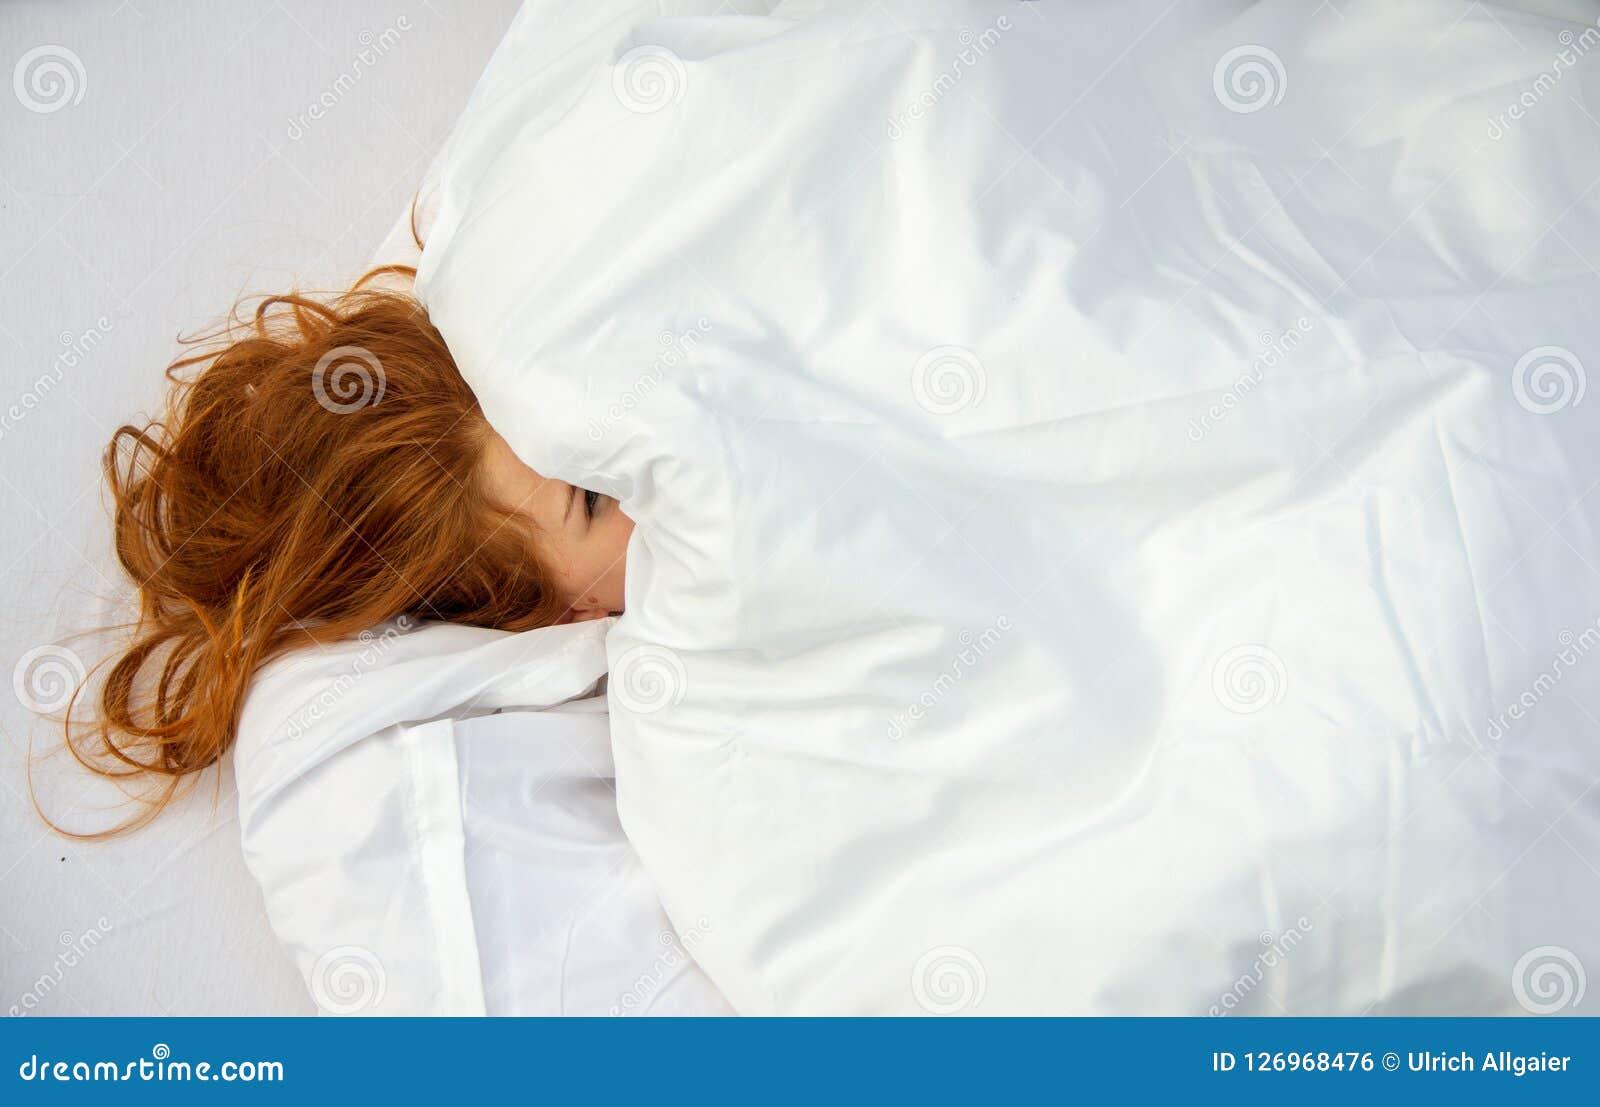 La mujer atractiva, joven, atractiva, pelirroja, hace frente cubierto casi totalmente por las almohadas, un ojo está mirando furt